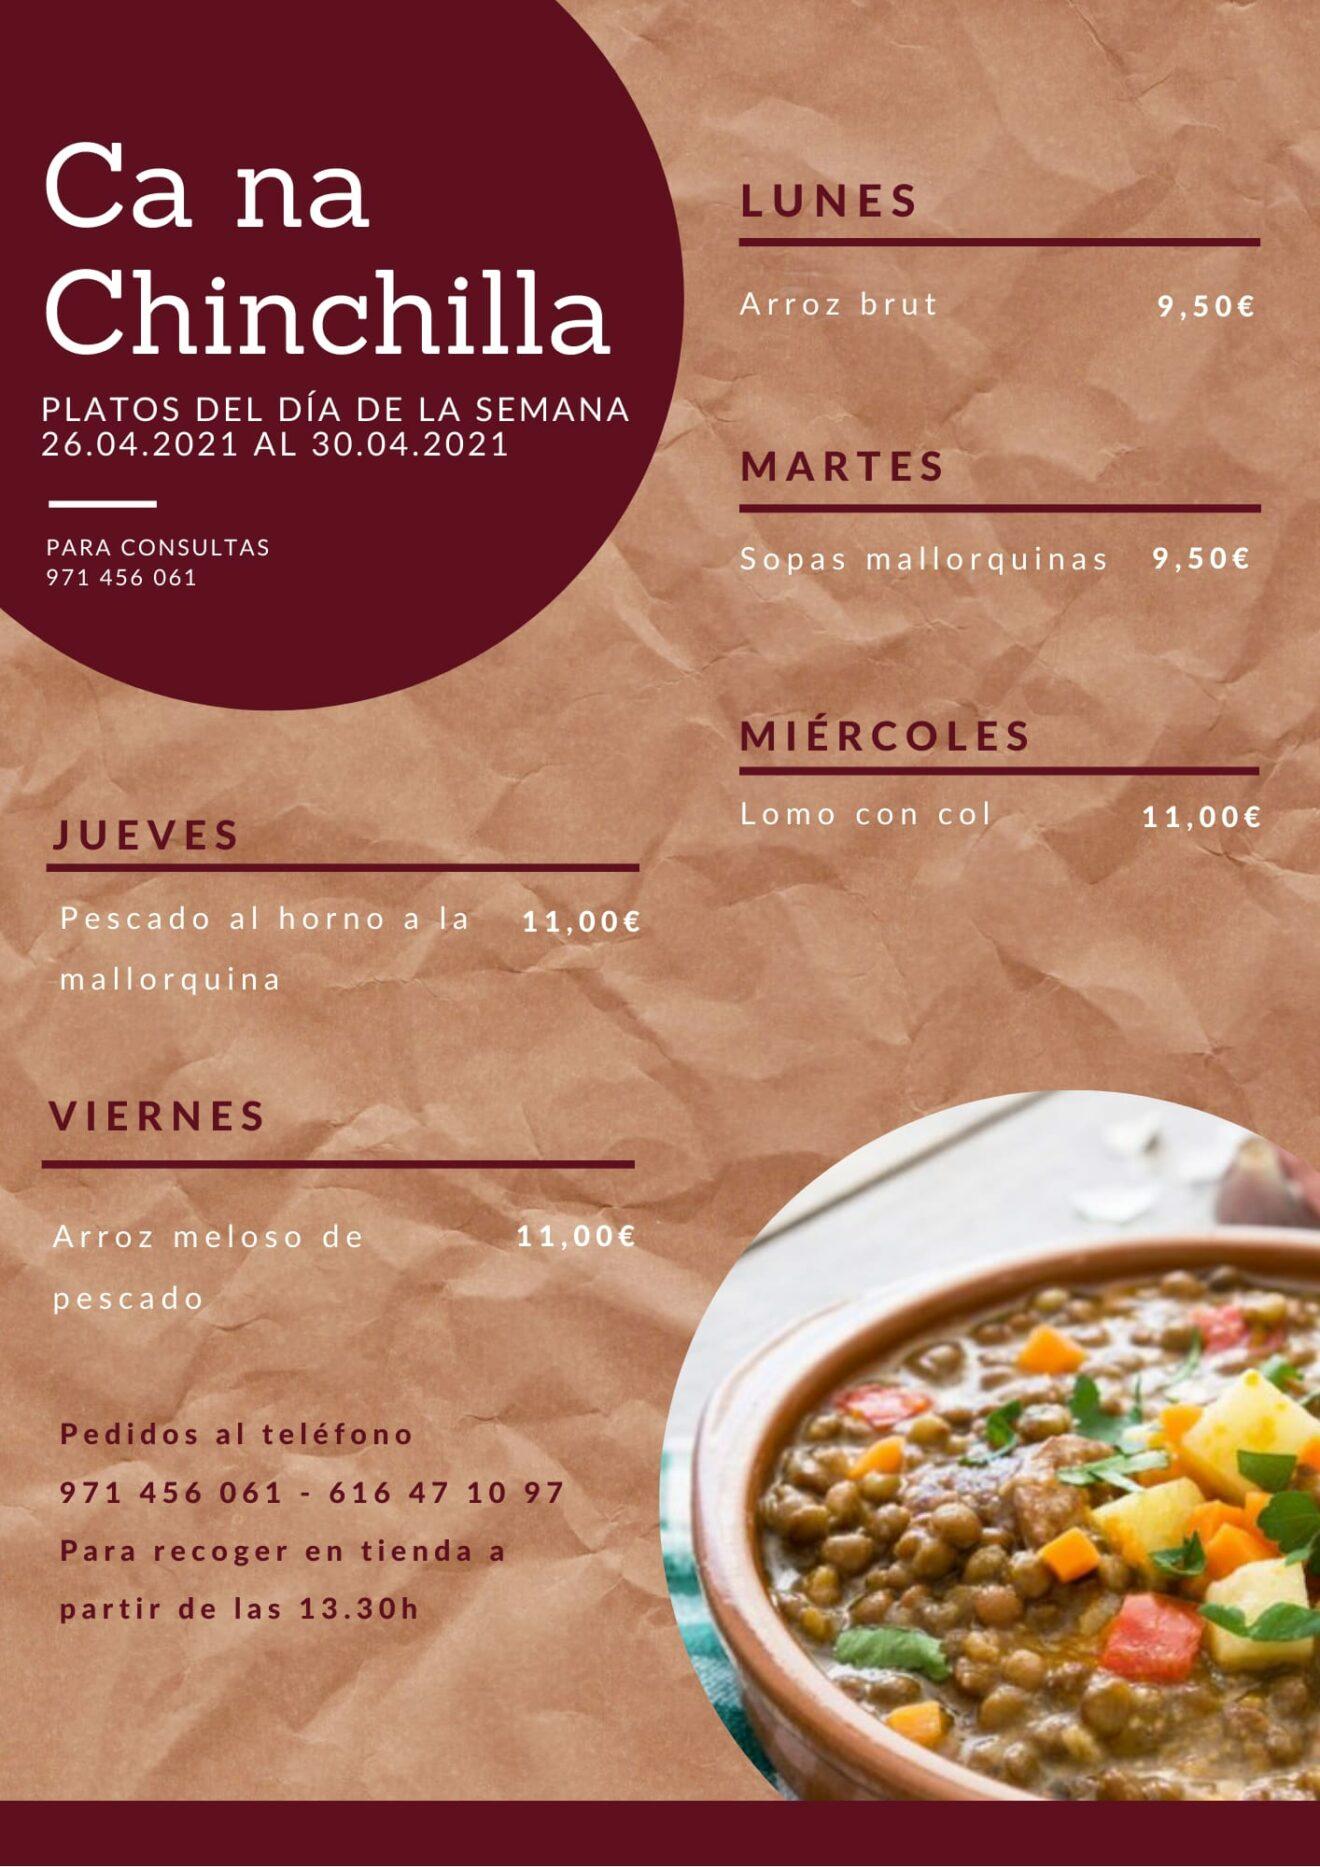 Menú semanal de platos del día de Ca na Chinchilla. ¡Disponible también en terraza!